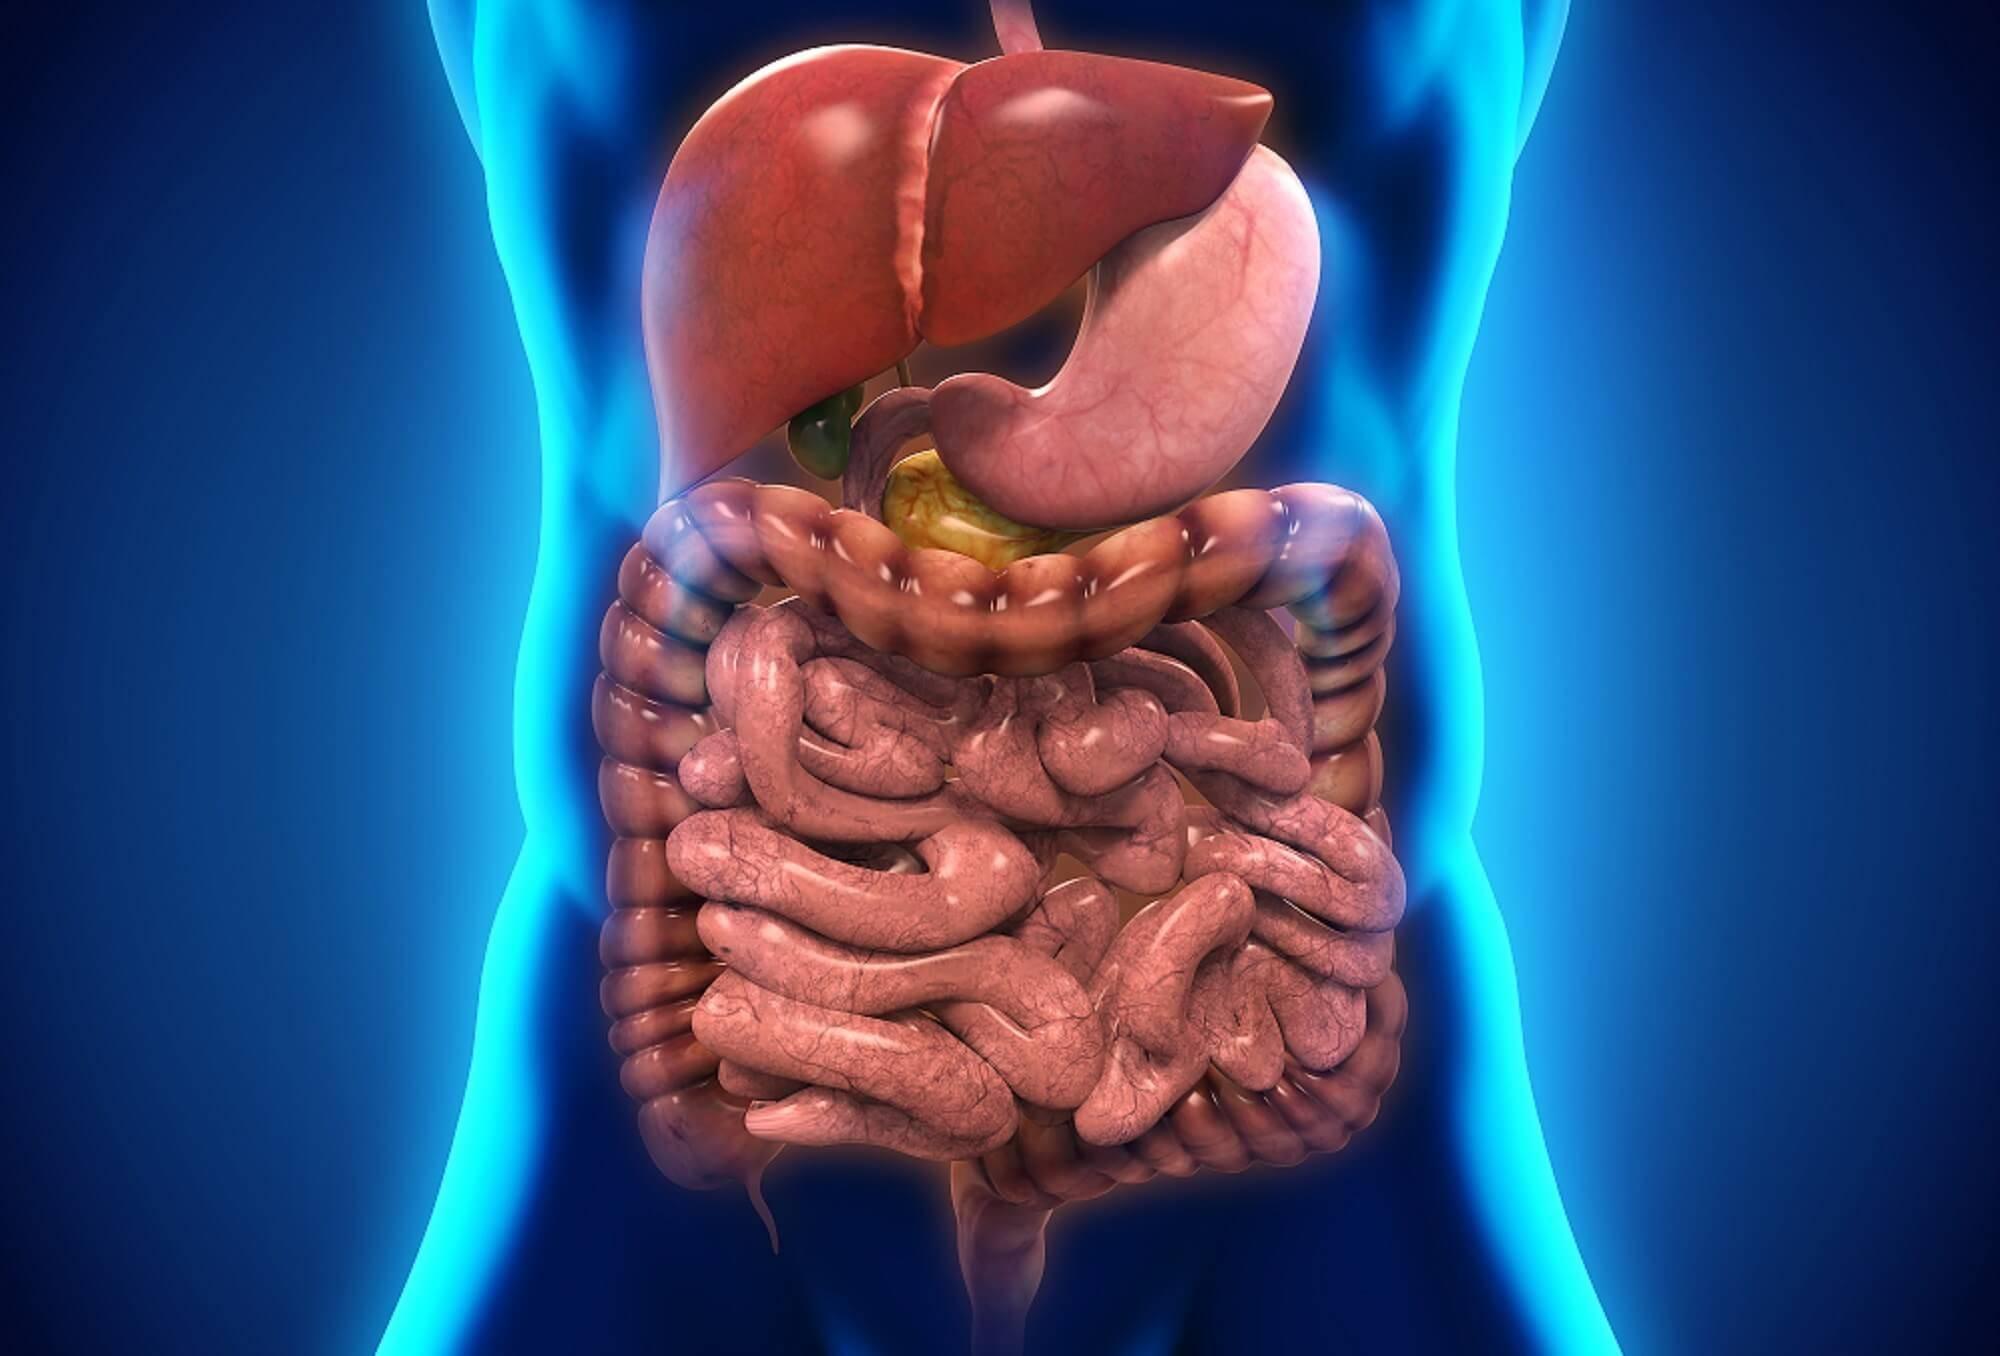 кишечник и заболевания печени